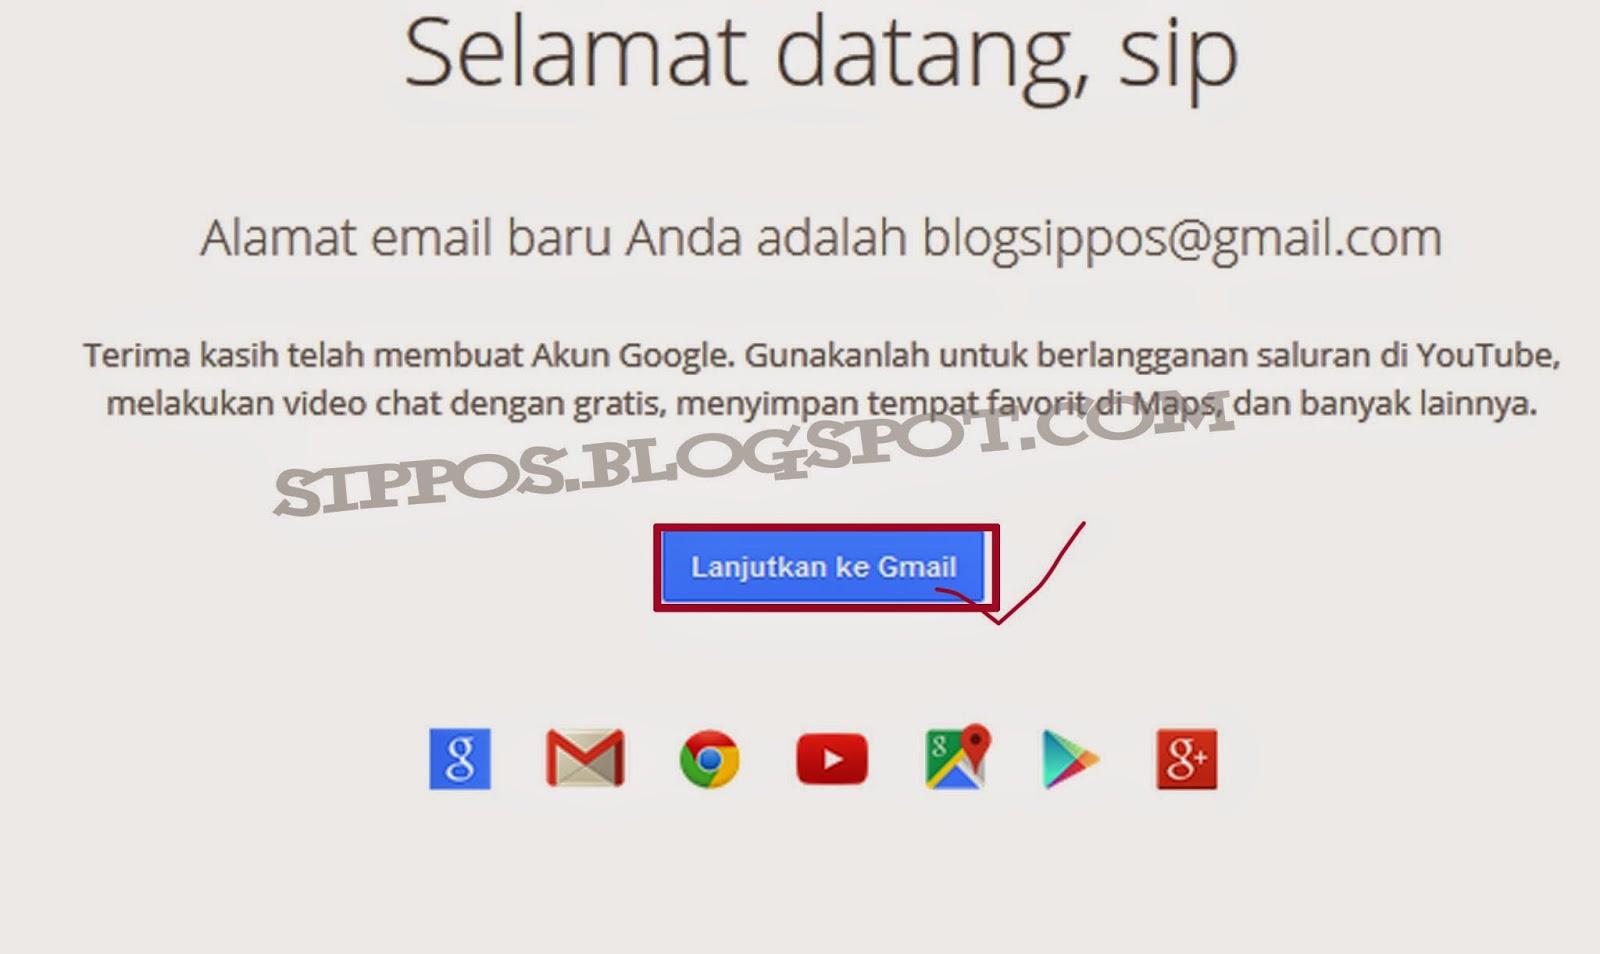 cara-membuat-email-baru-akun-goole-di-gmail